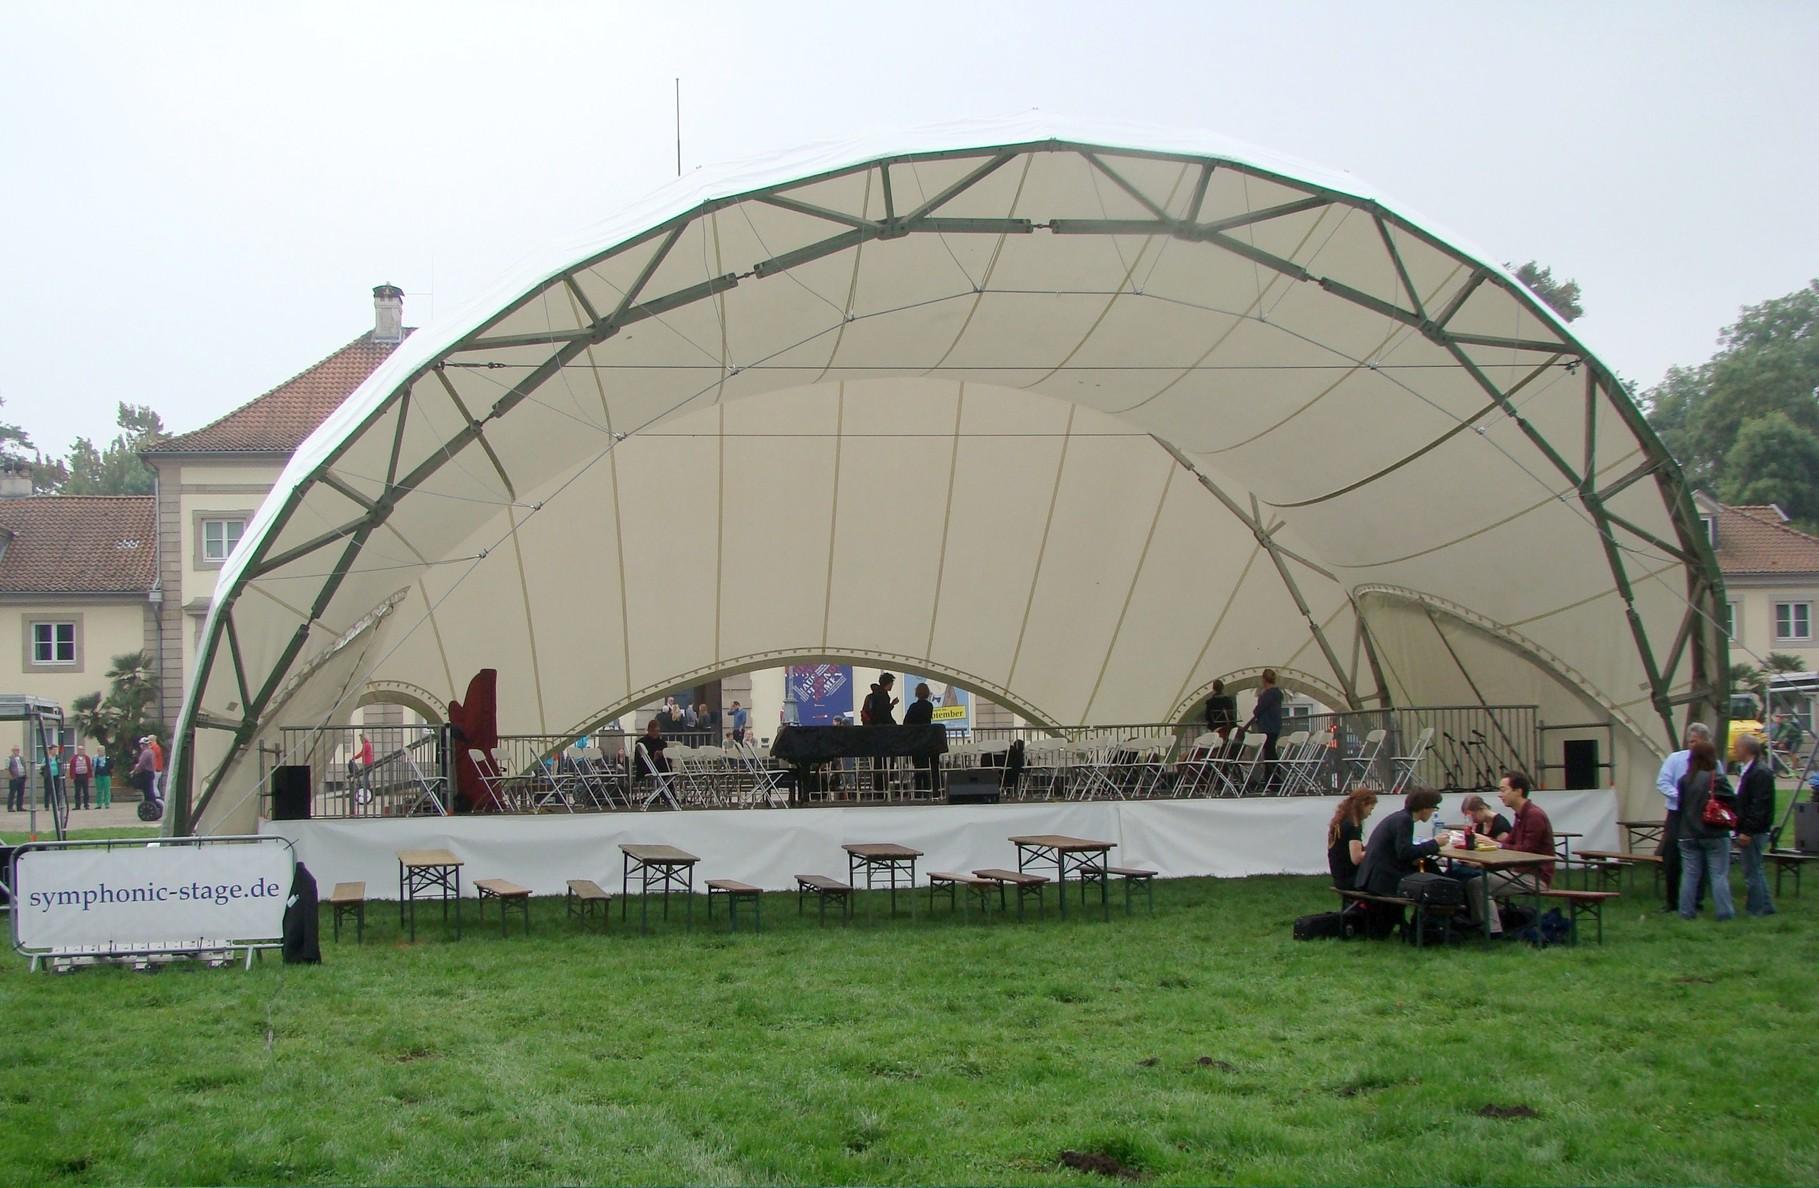 Bühne mieten, Open Air Bühne mieten, Georgengarten Hannover, Wilhelm Busch Museum